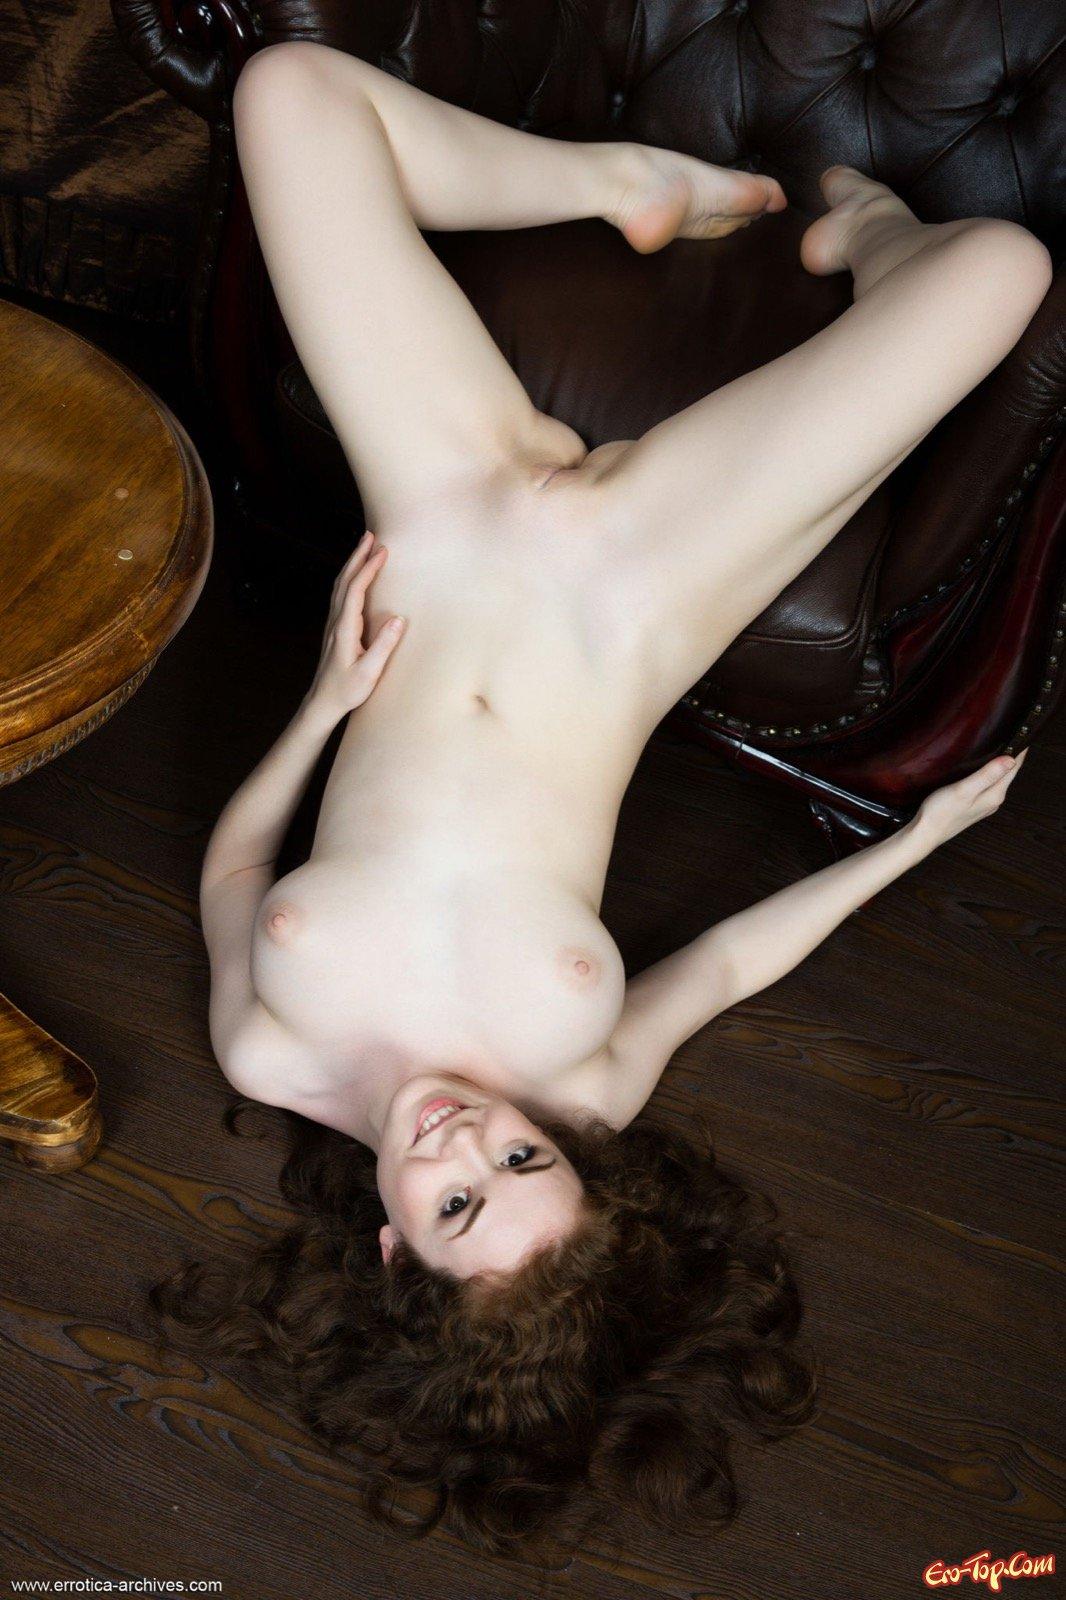 Эффектная обнаженная дамочка с натуральными сиськами